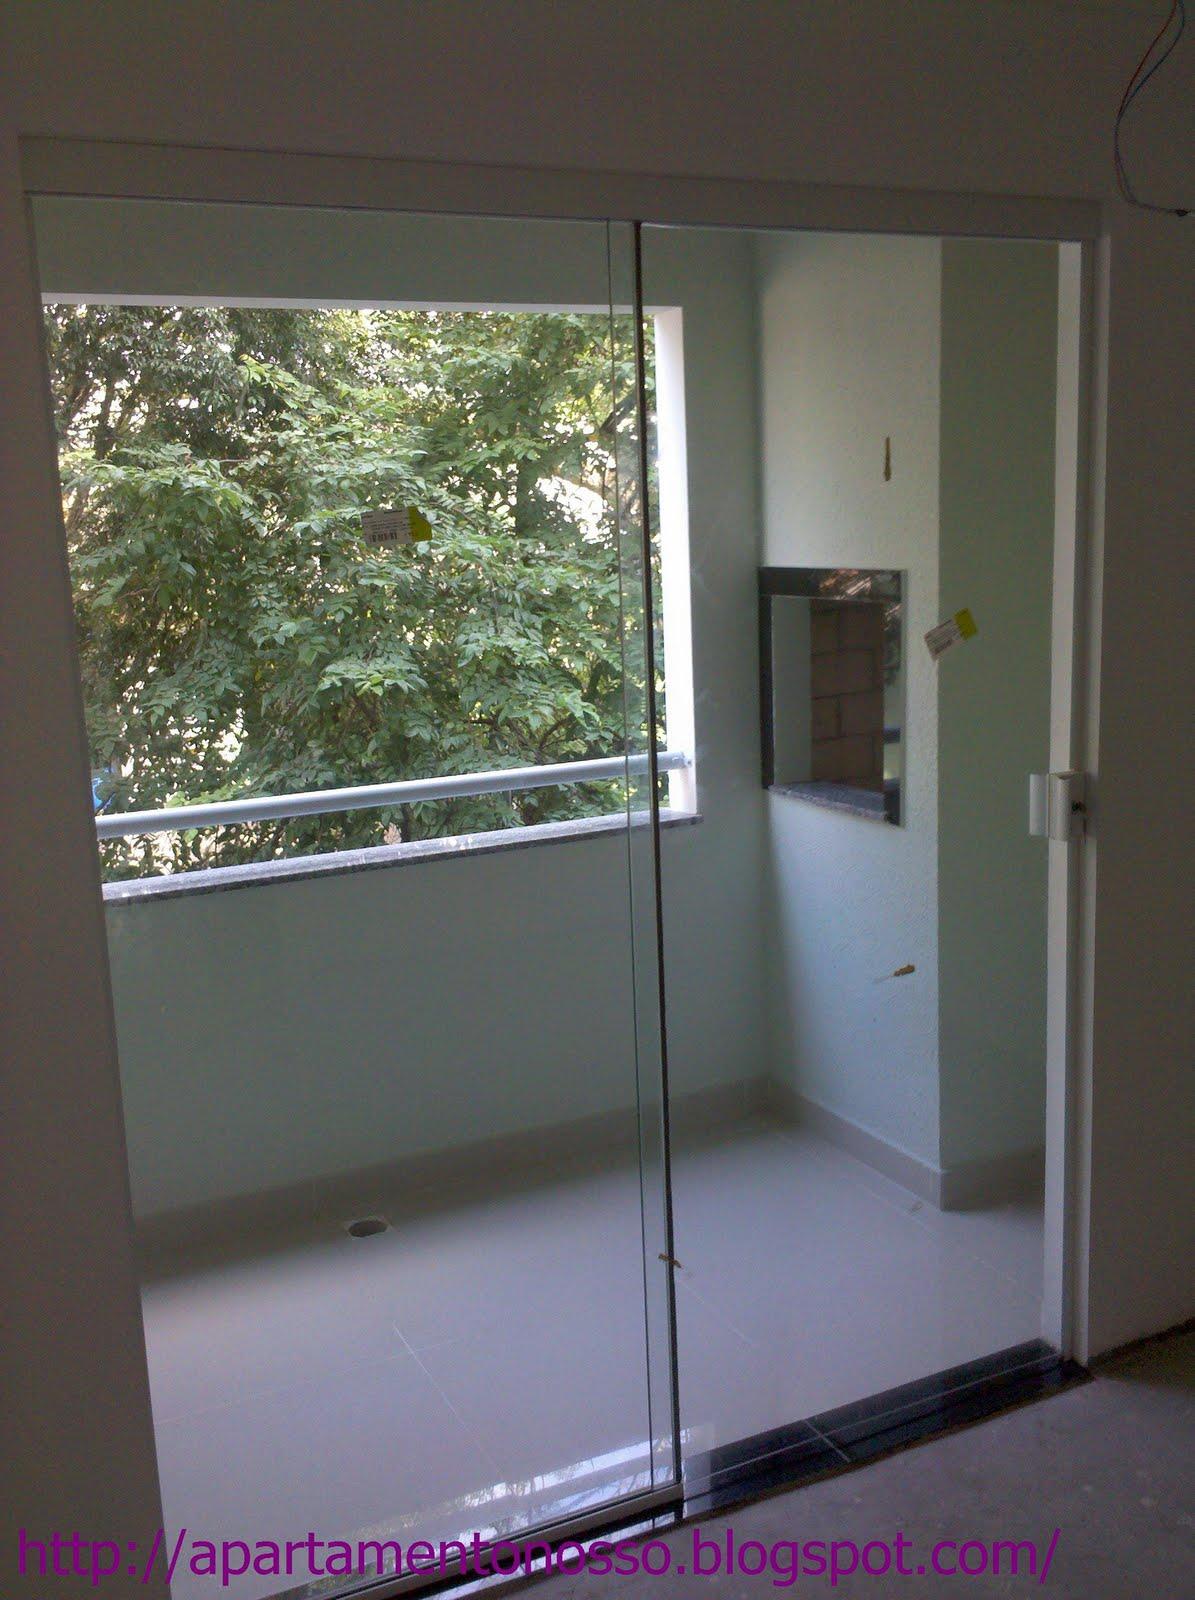 Apartamento Nosso: Entrega das Chaves e Montagem da Cozinha #67336B 1195 1600